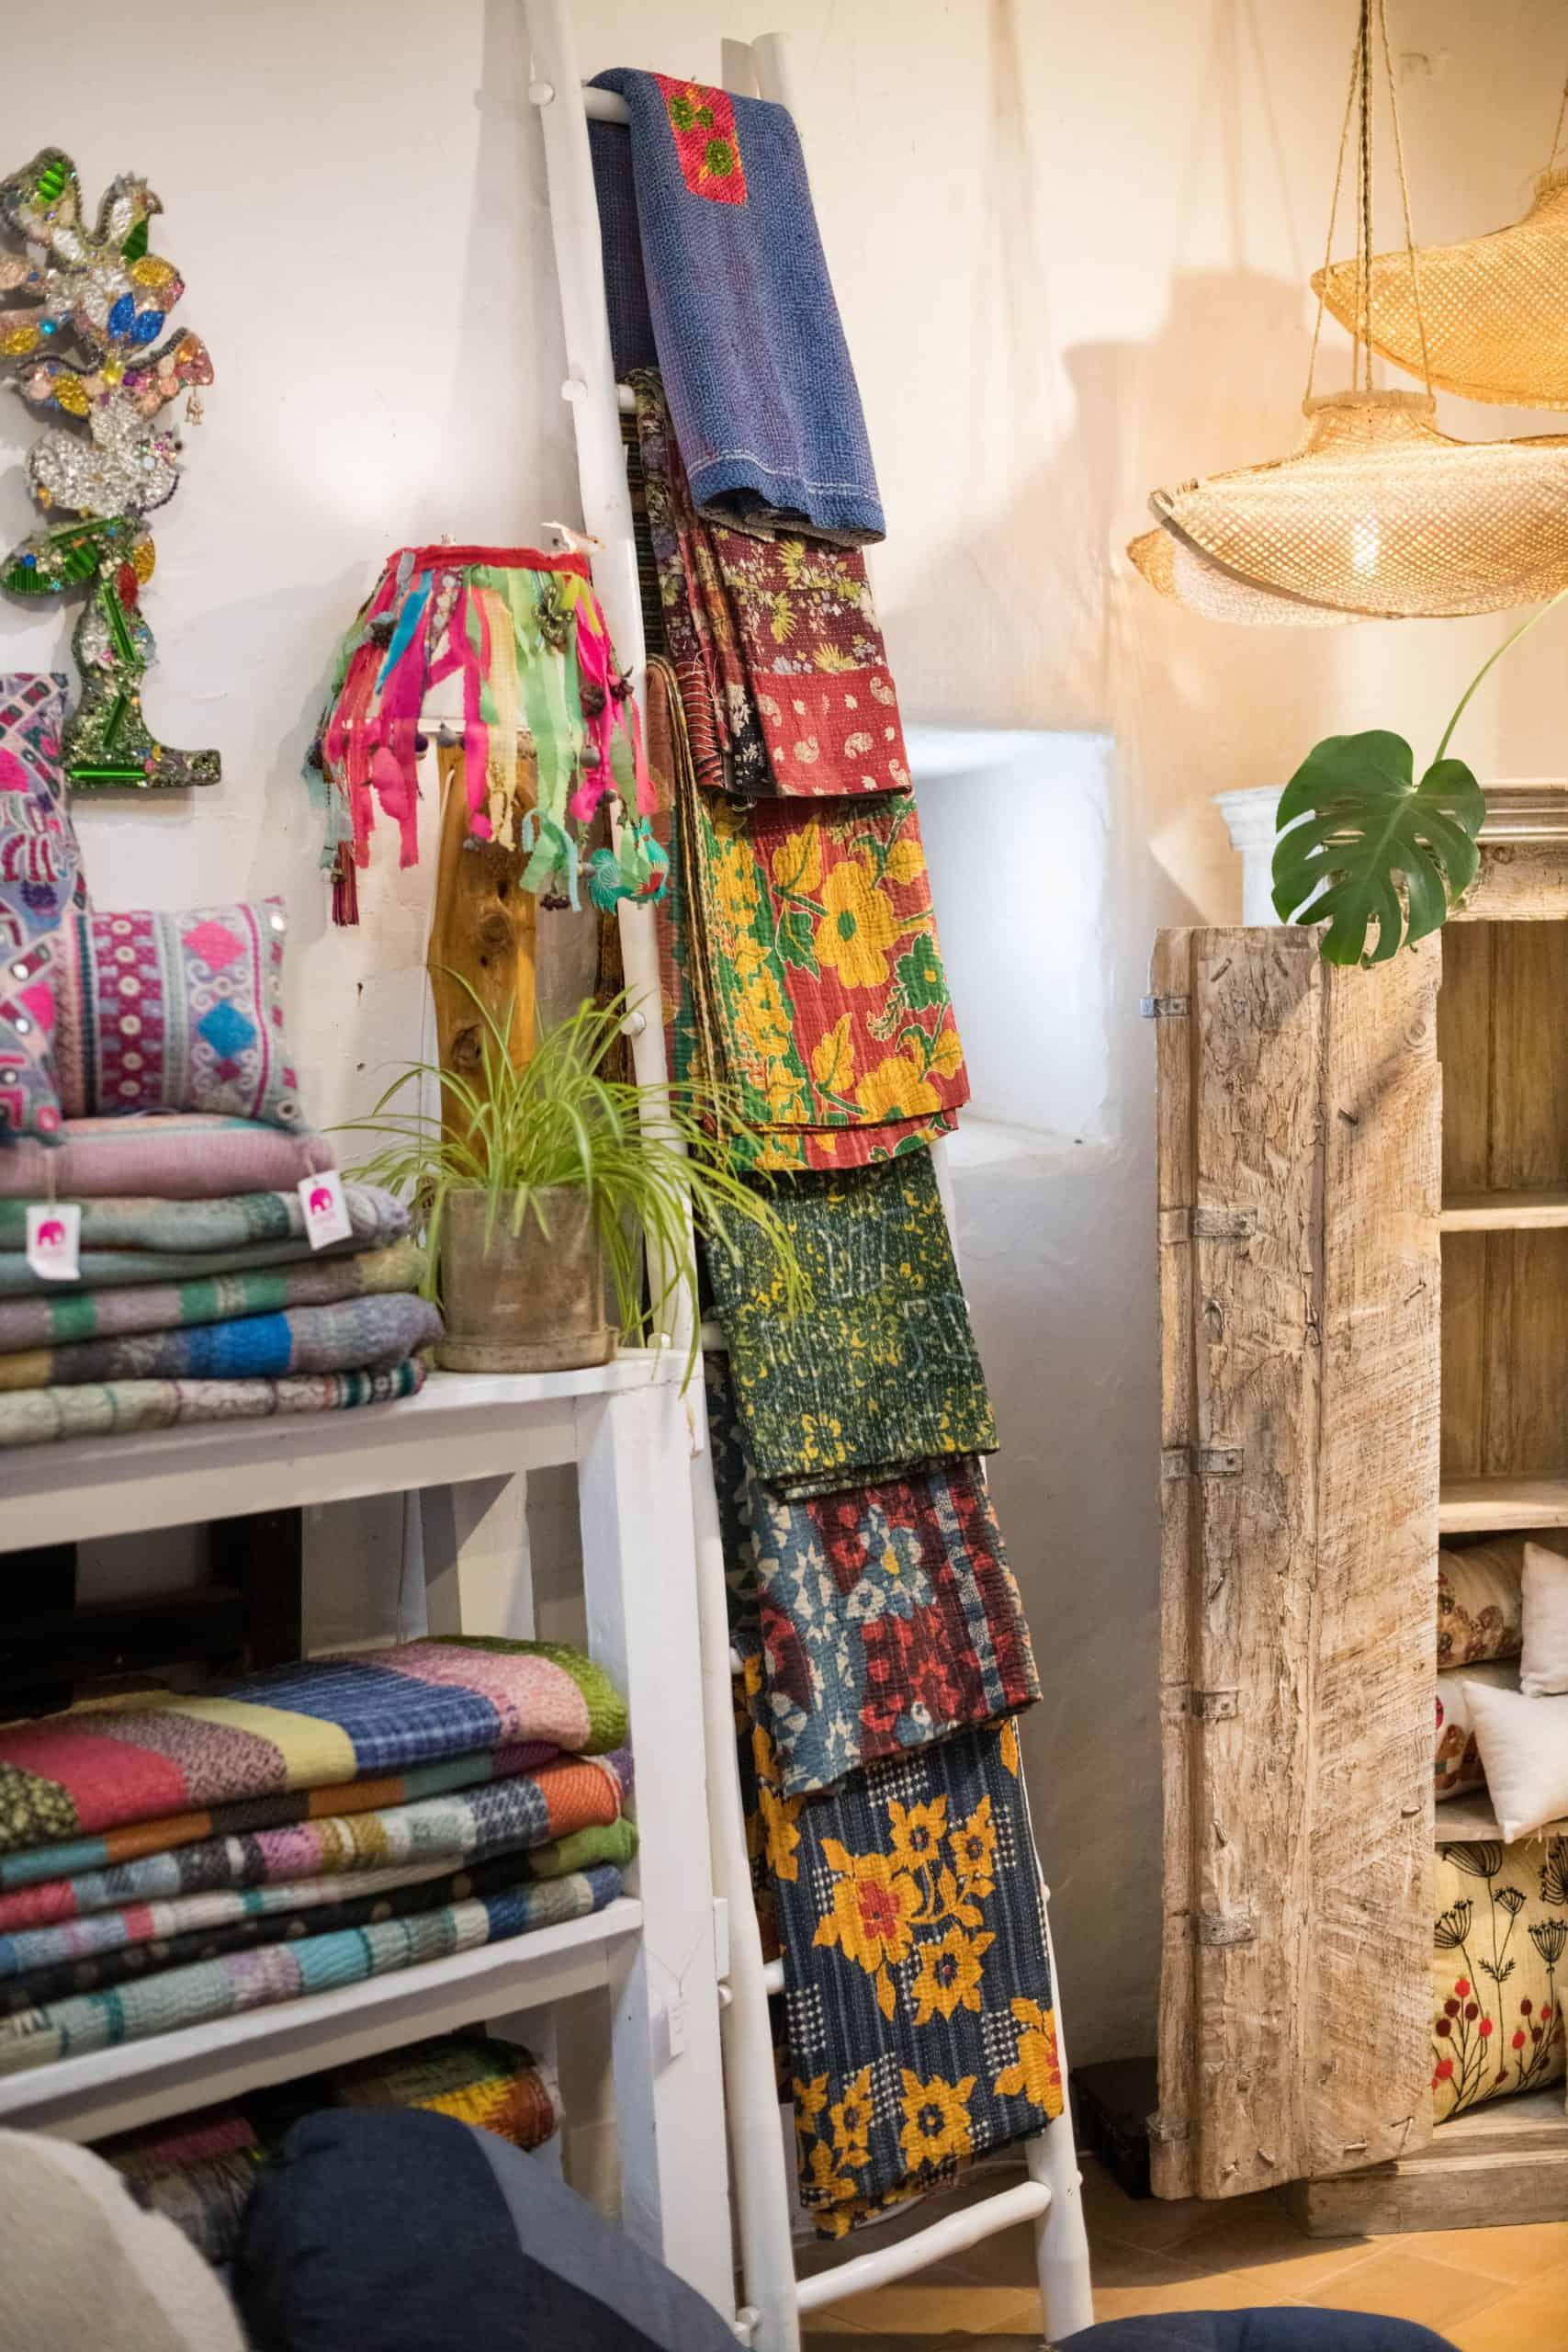 Kantha blankets displayed on a ladder